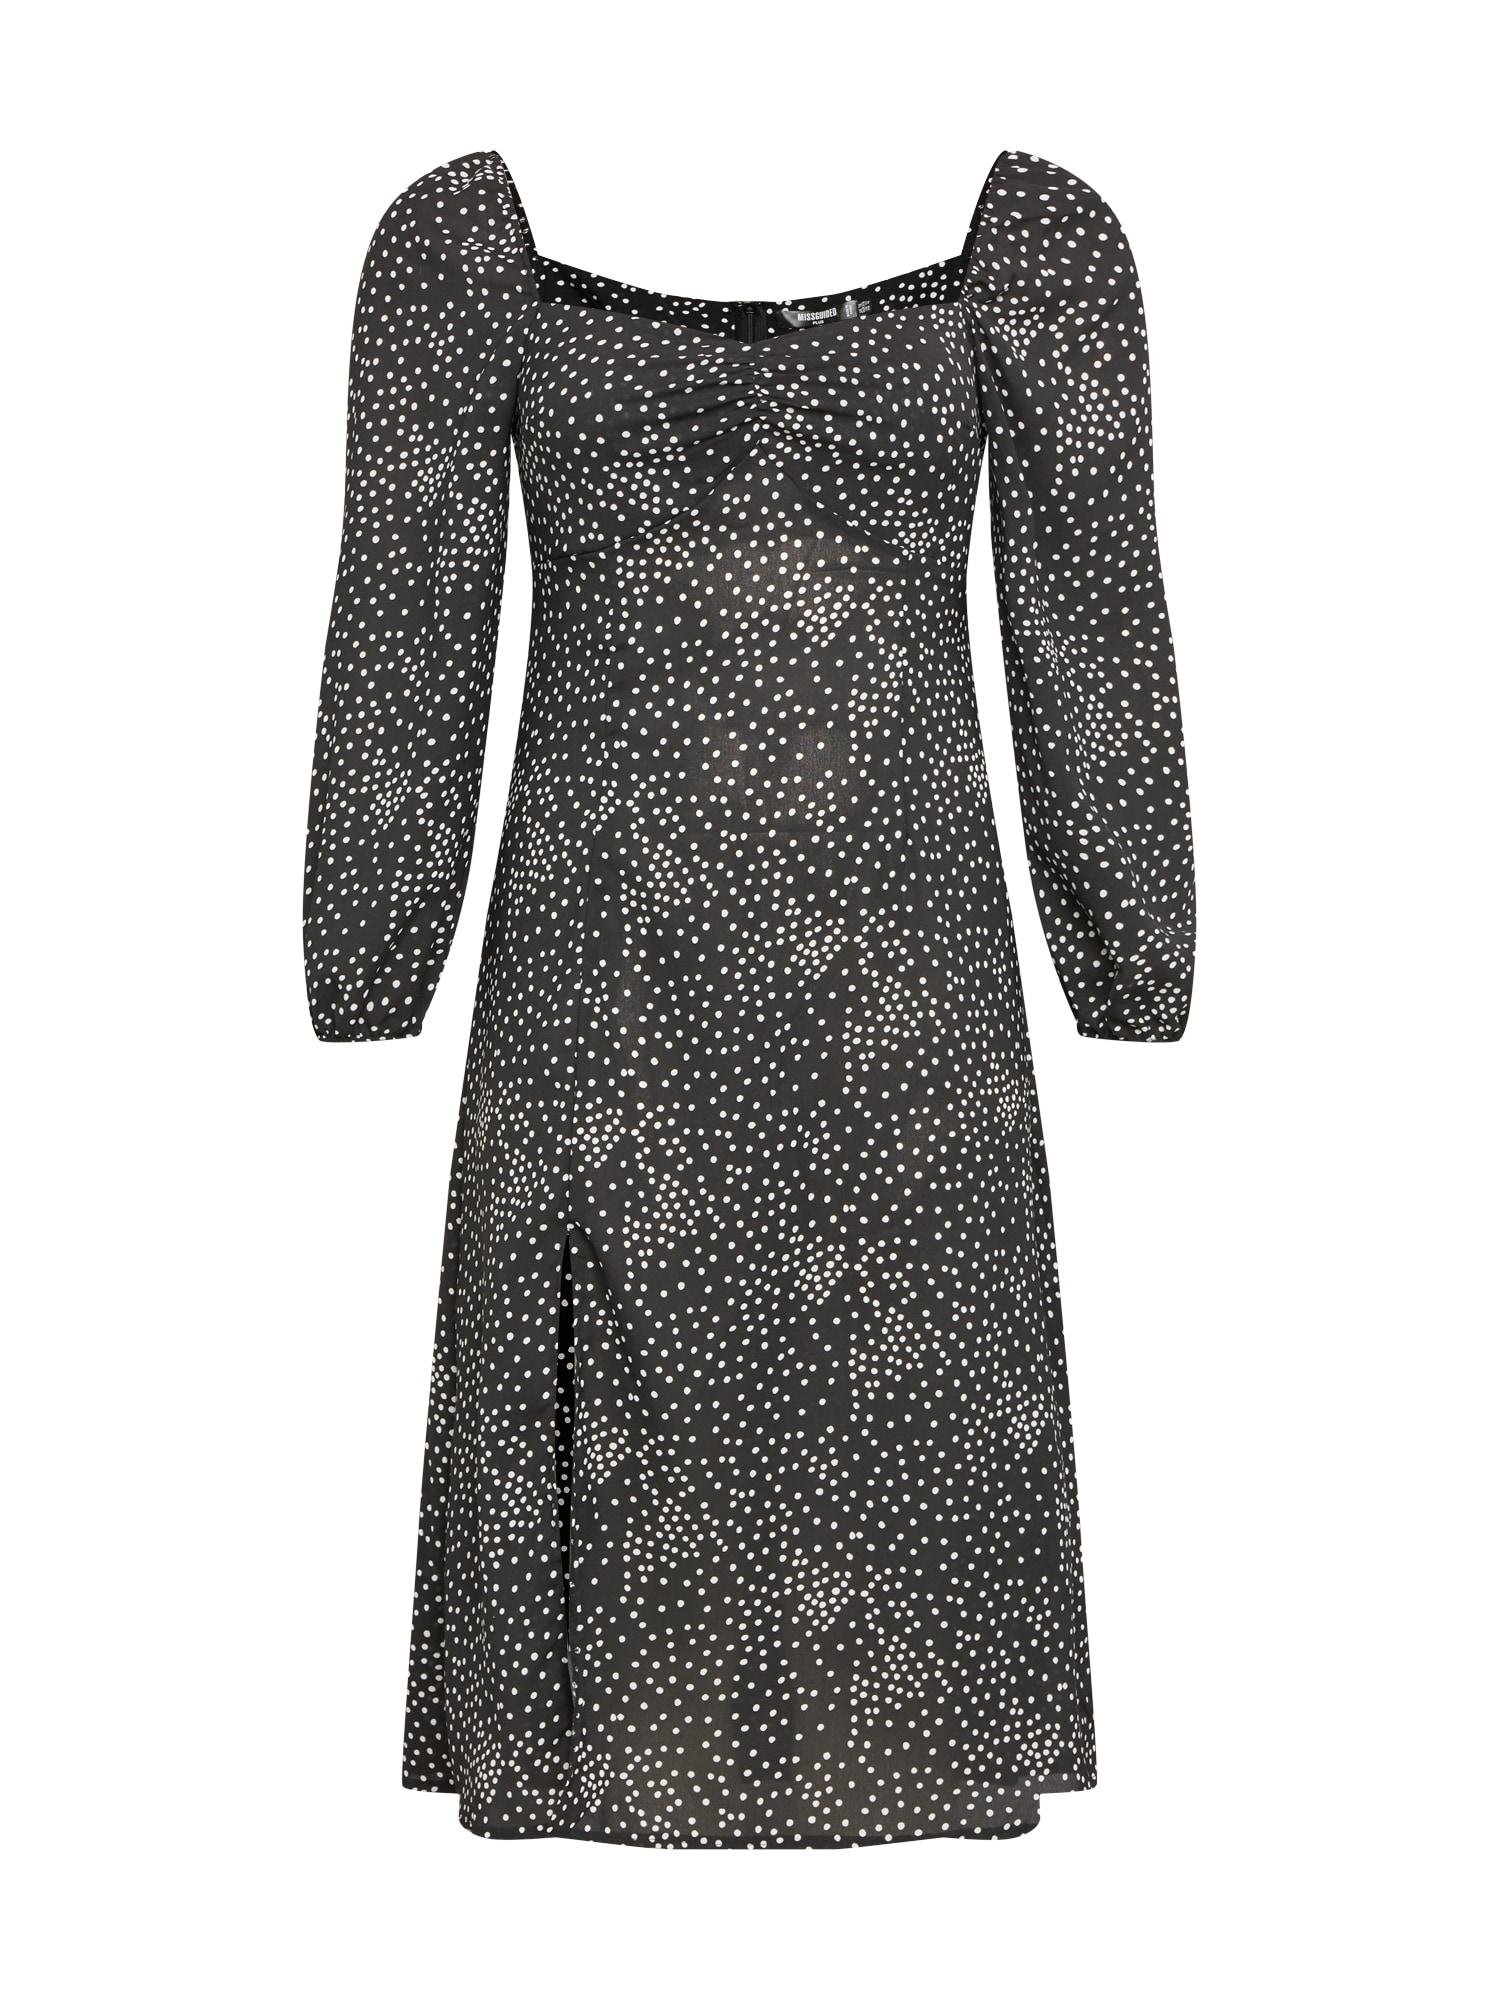 Missguided Plus Suknelė juoda / balta